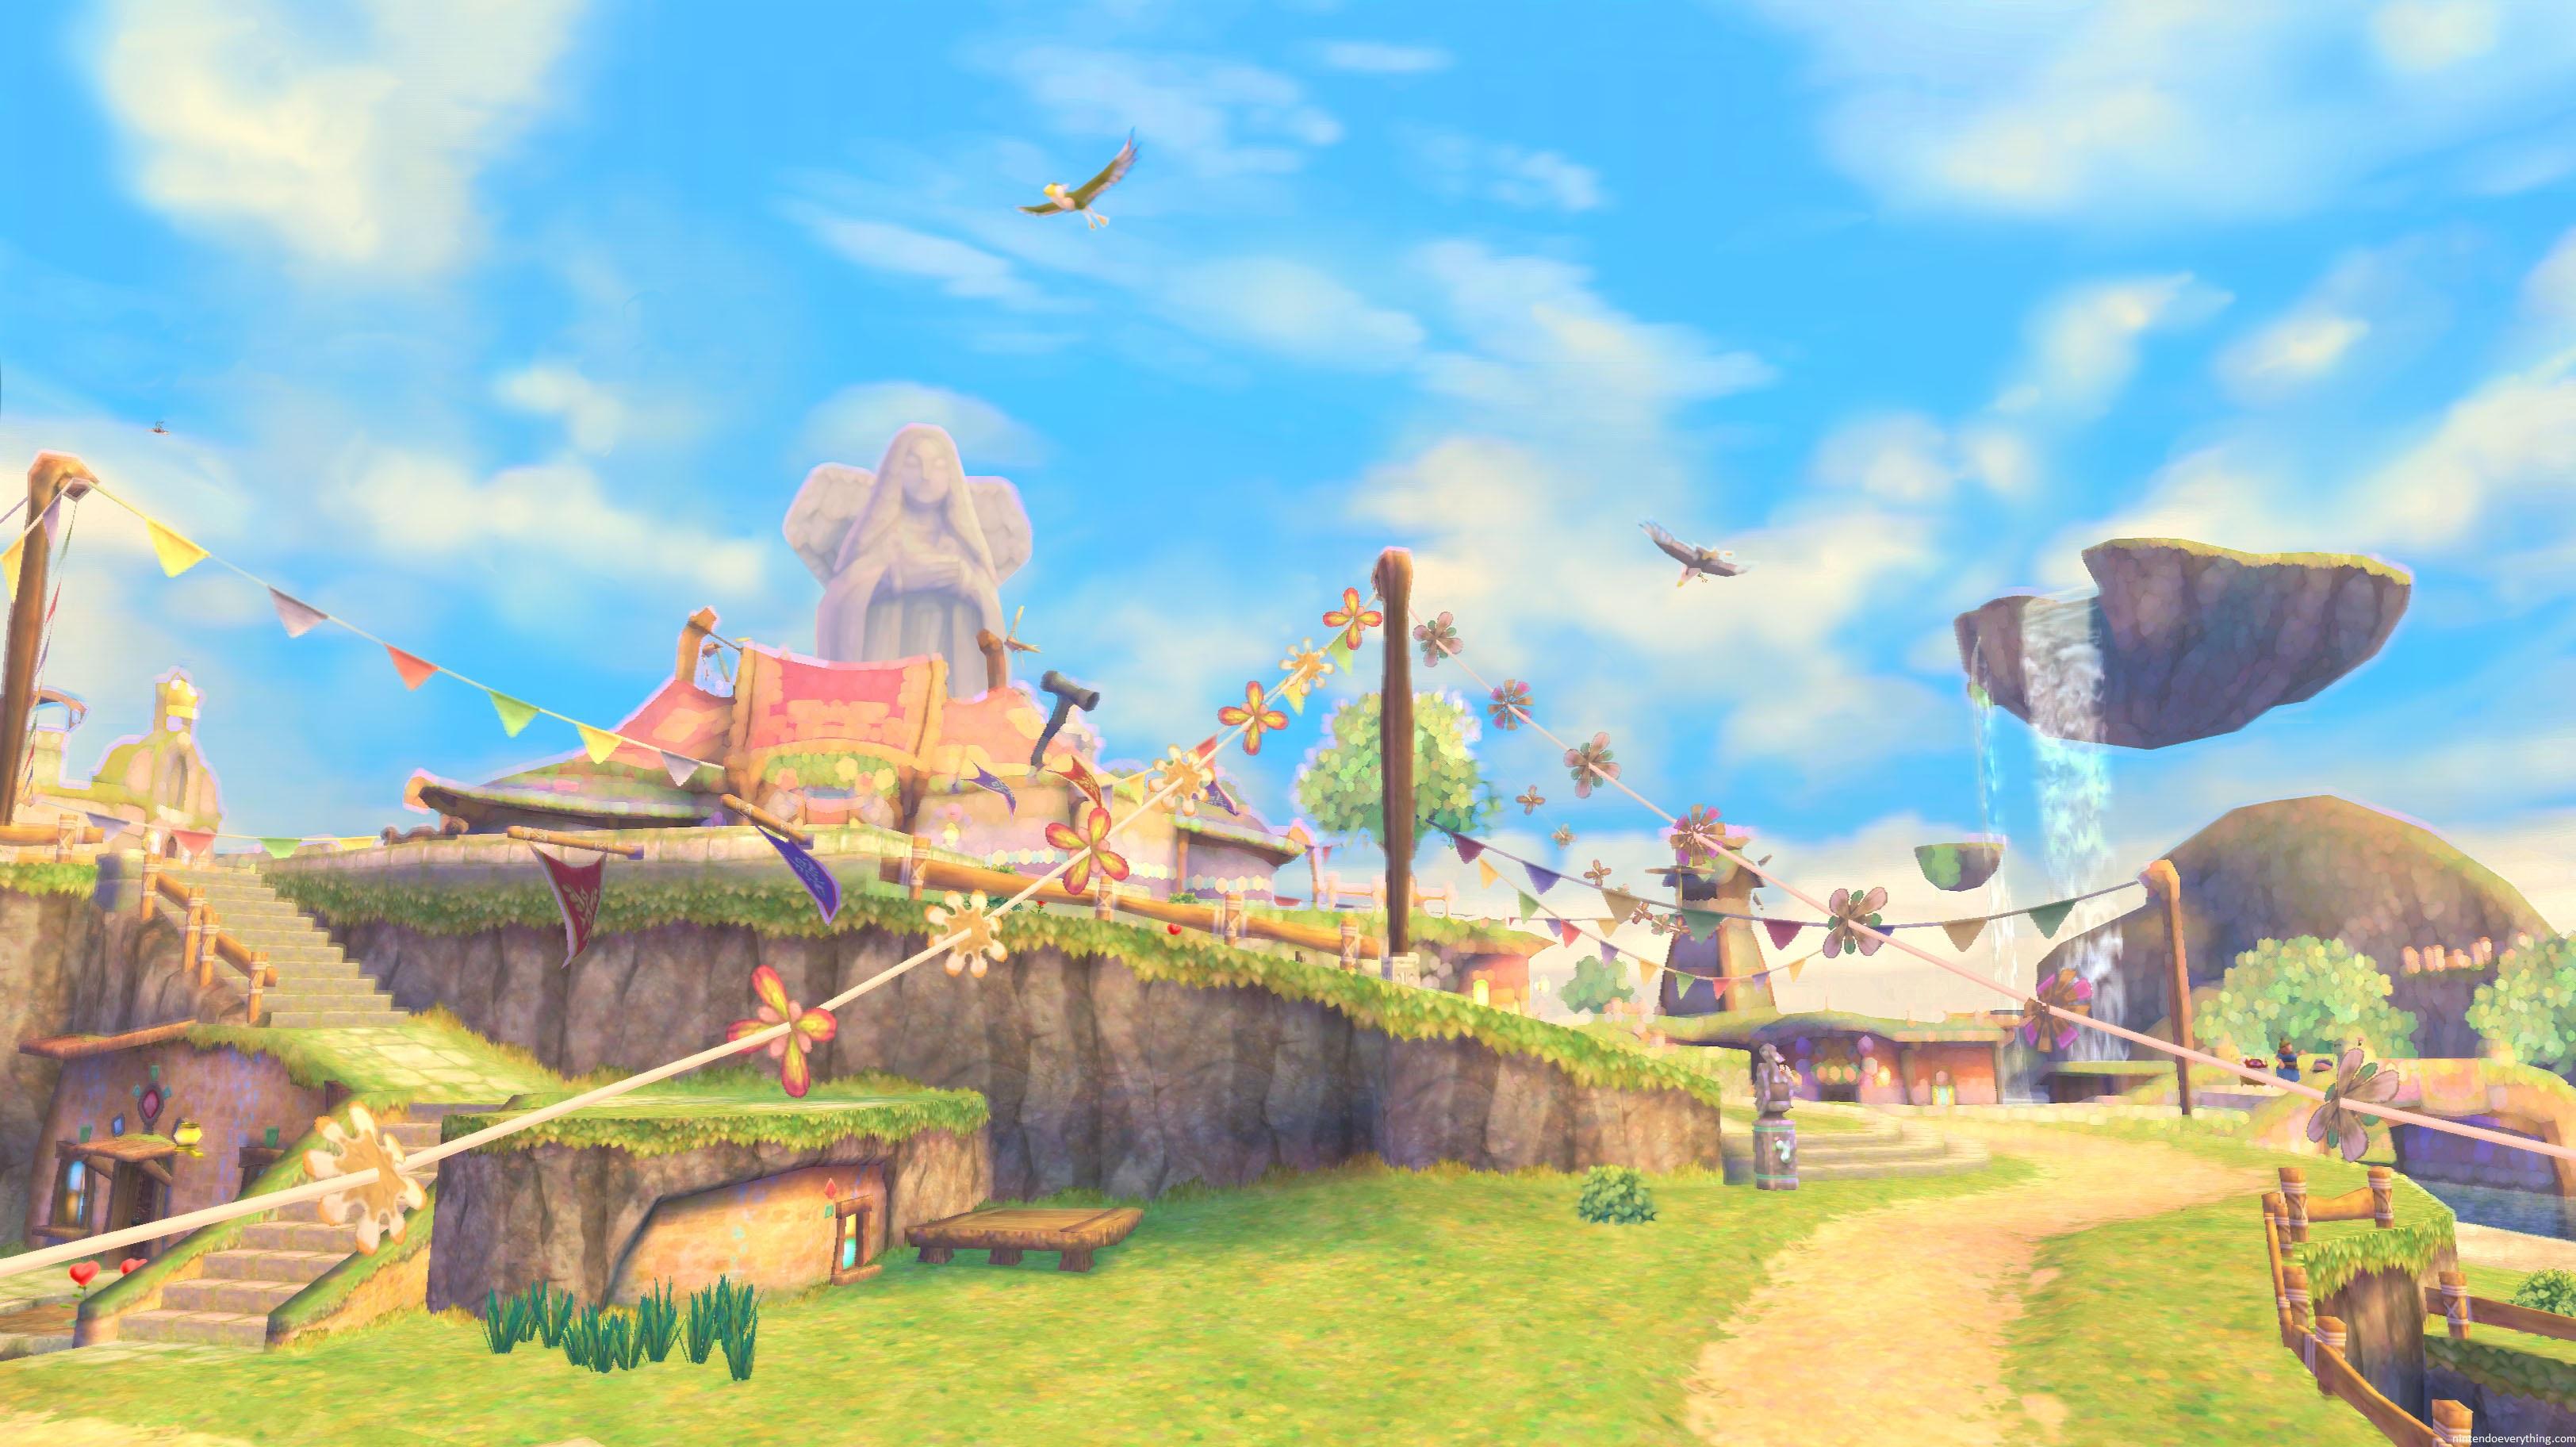 Good Wallpaper Home Screen Zelda - zelda_skyward_sword_art-3  You Should Have_234865.jpg